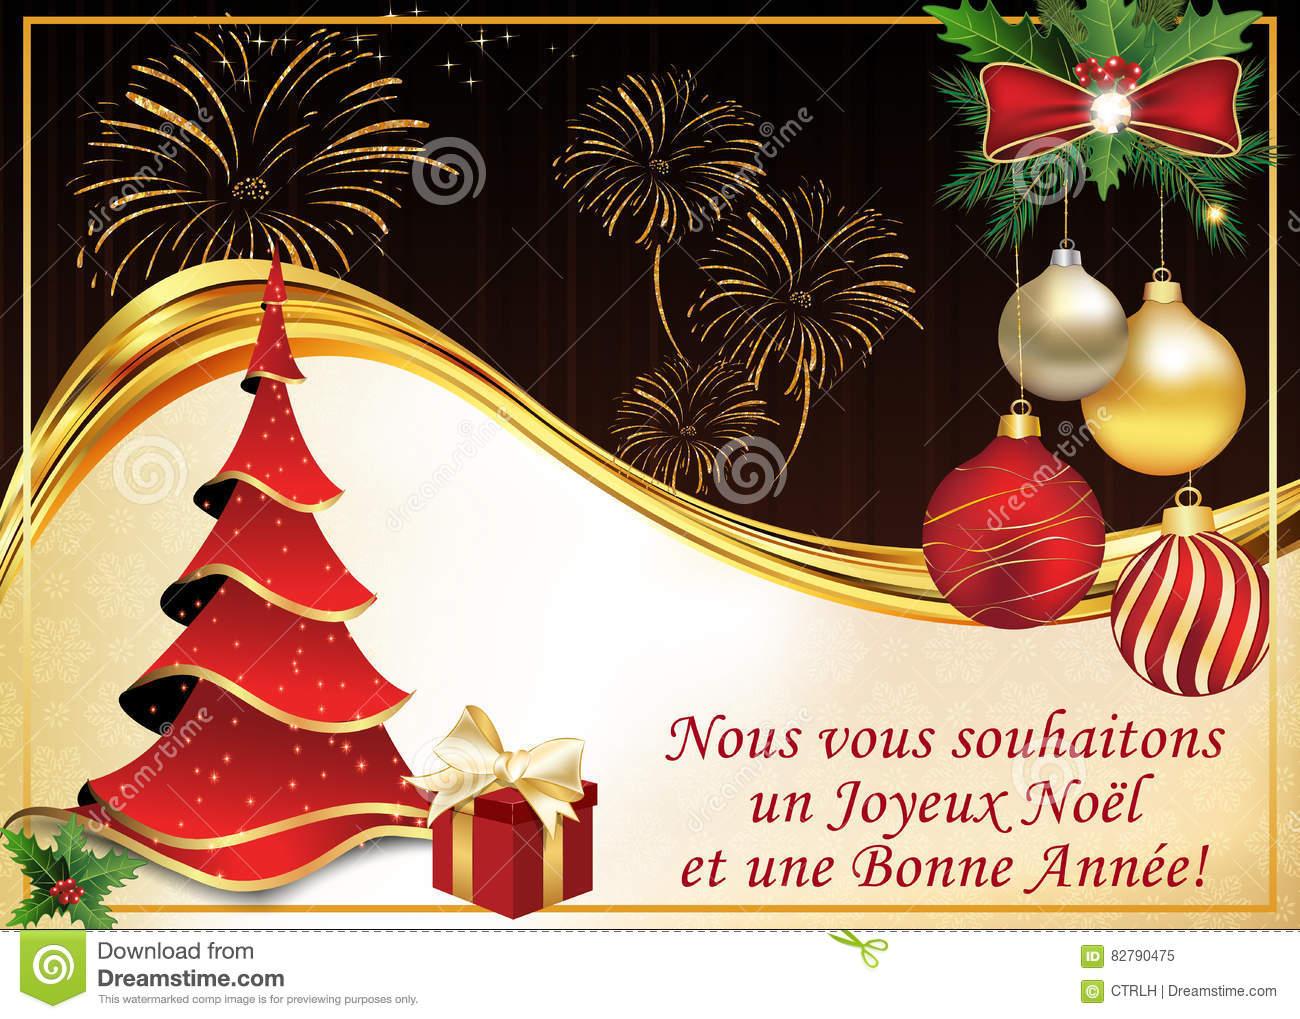 Französische Grußkarte Wir Wünschen Ihnen Frohe Weihnachten in Grusskarten Weihnachten Kostenlos